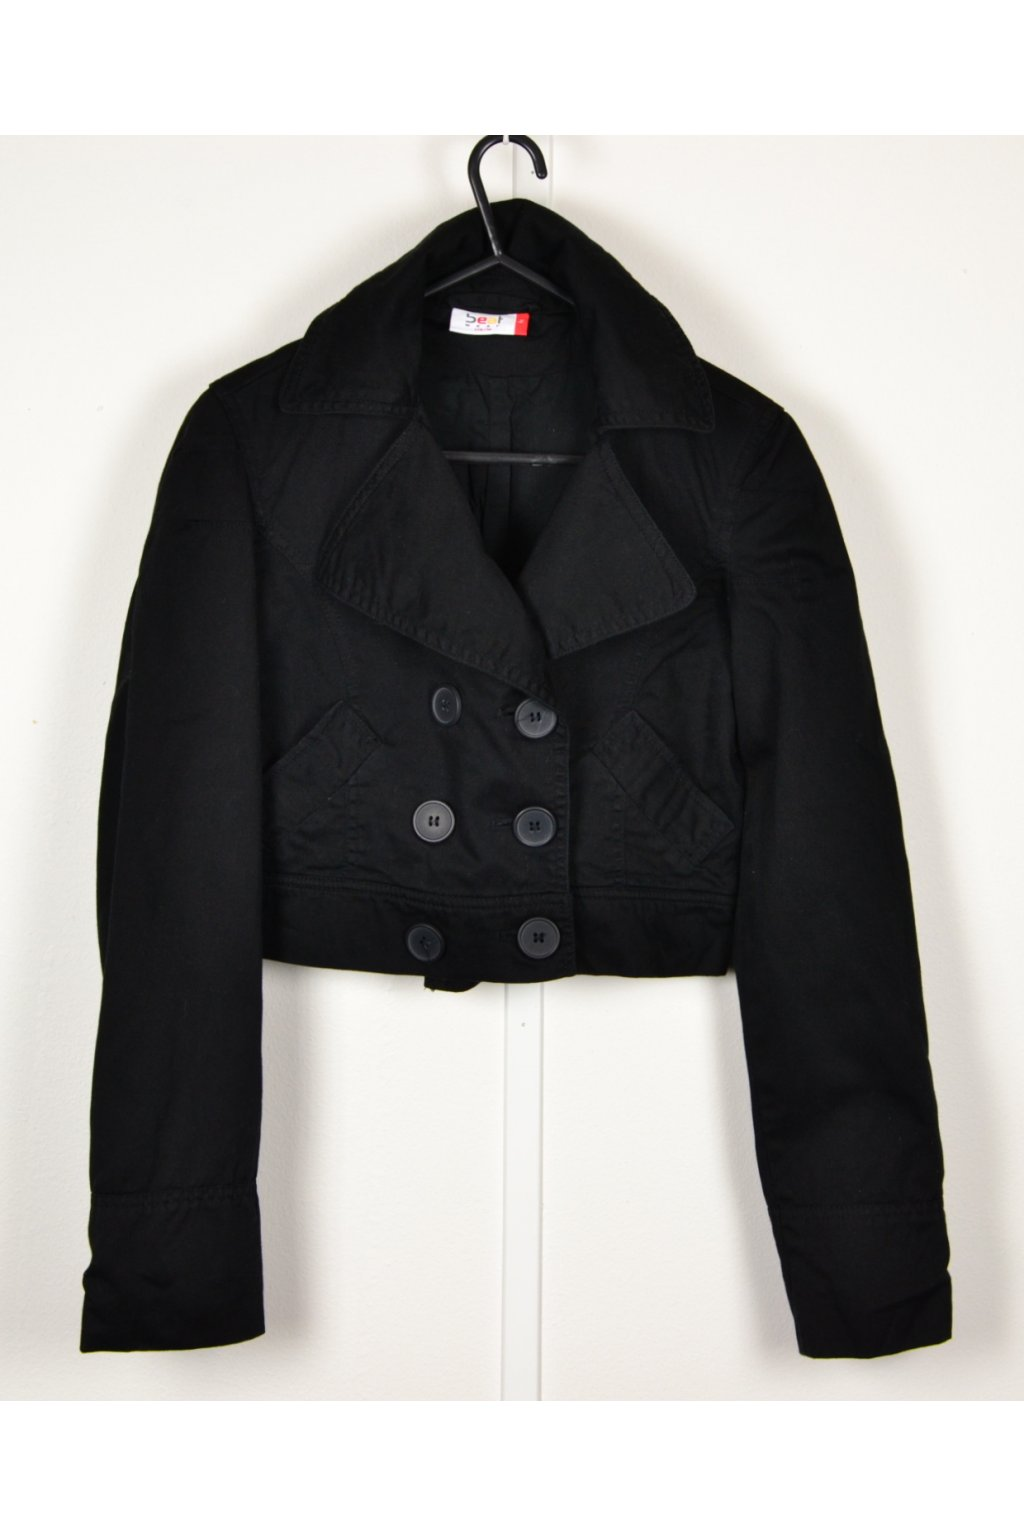 Kabátek Beat vel  176/ 14-15 let černý